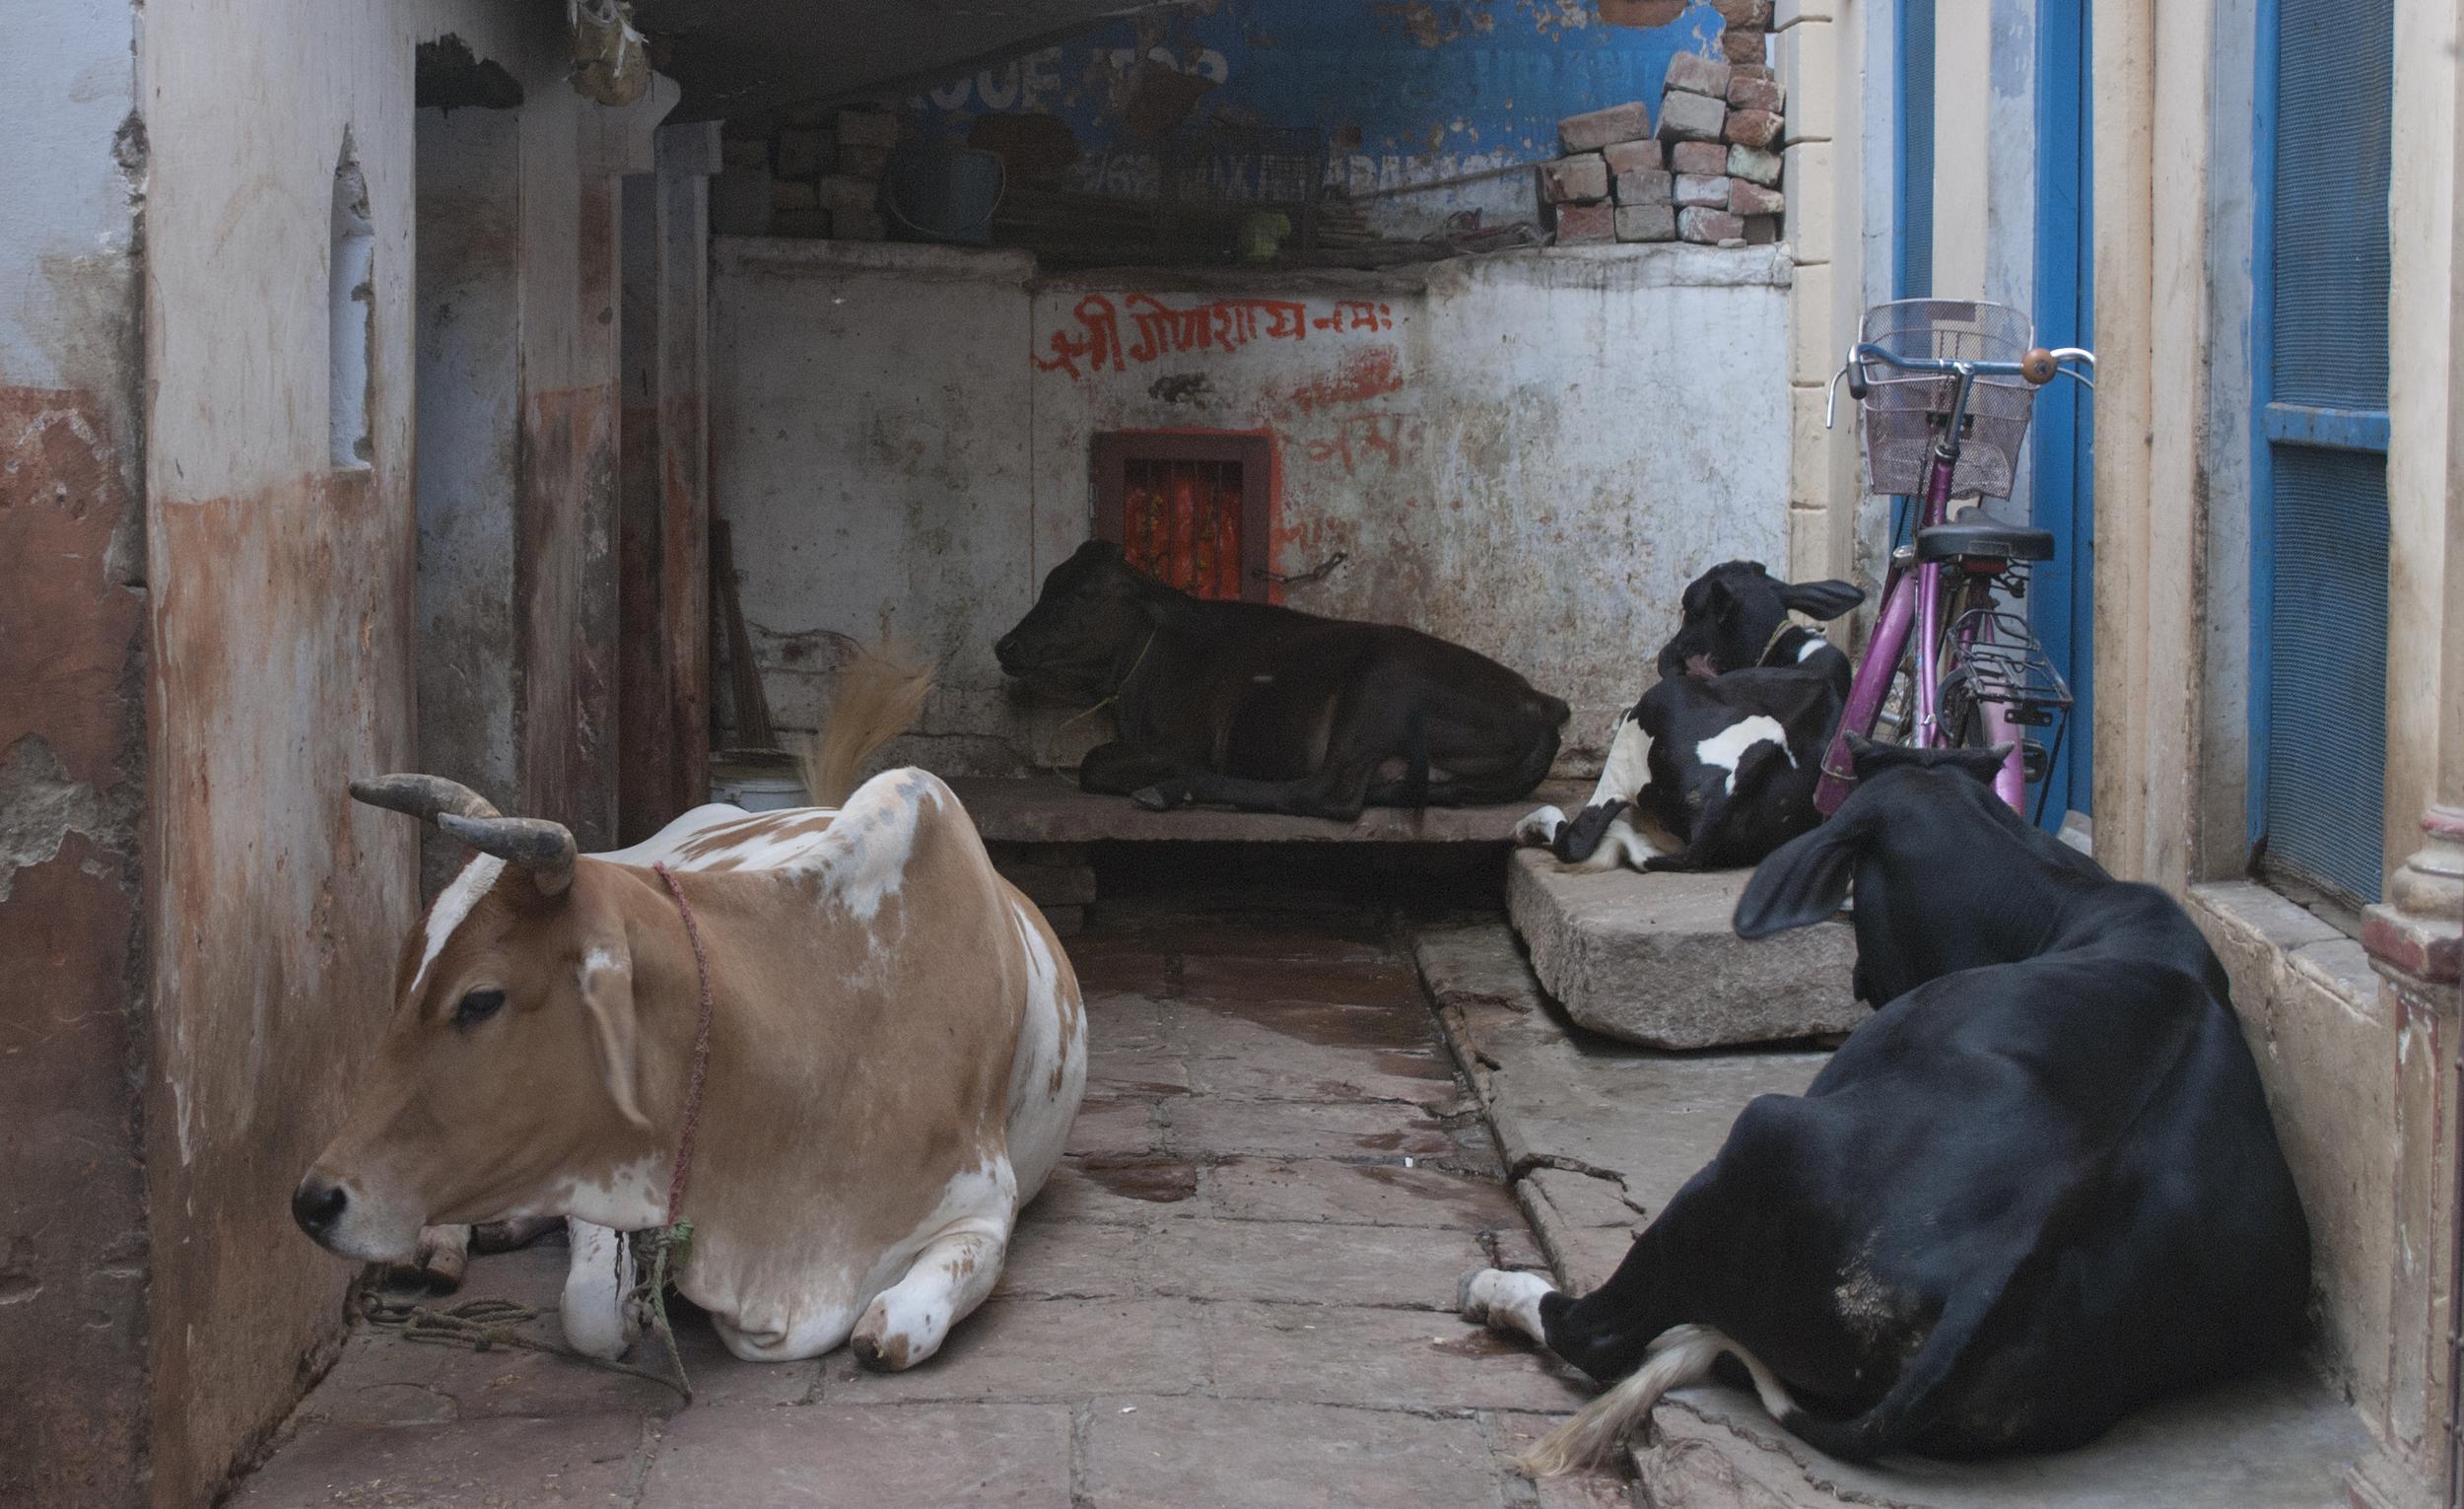 Cows sleeping outside of the hostel in Varanasi